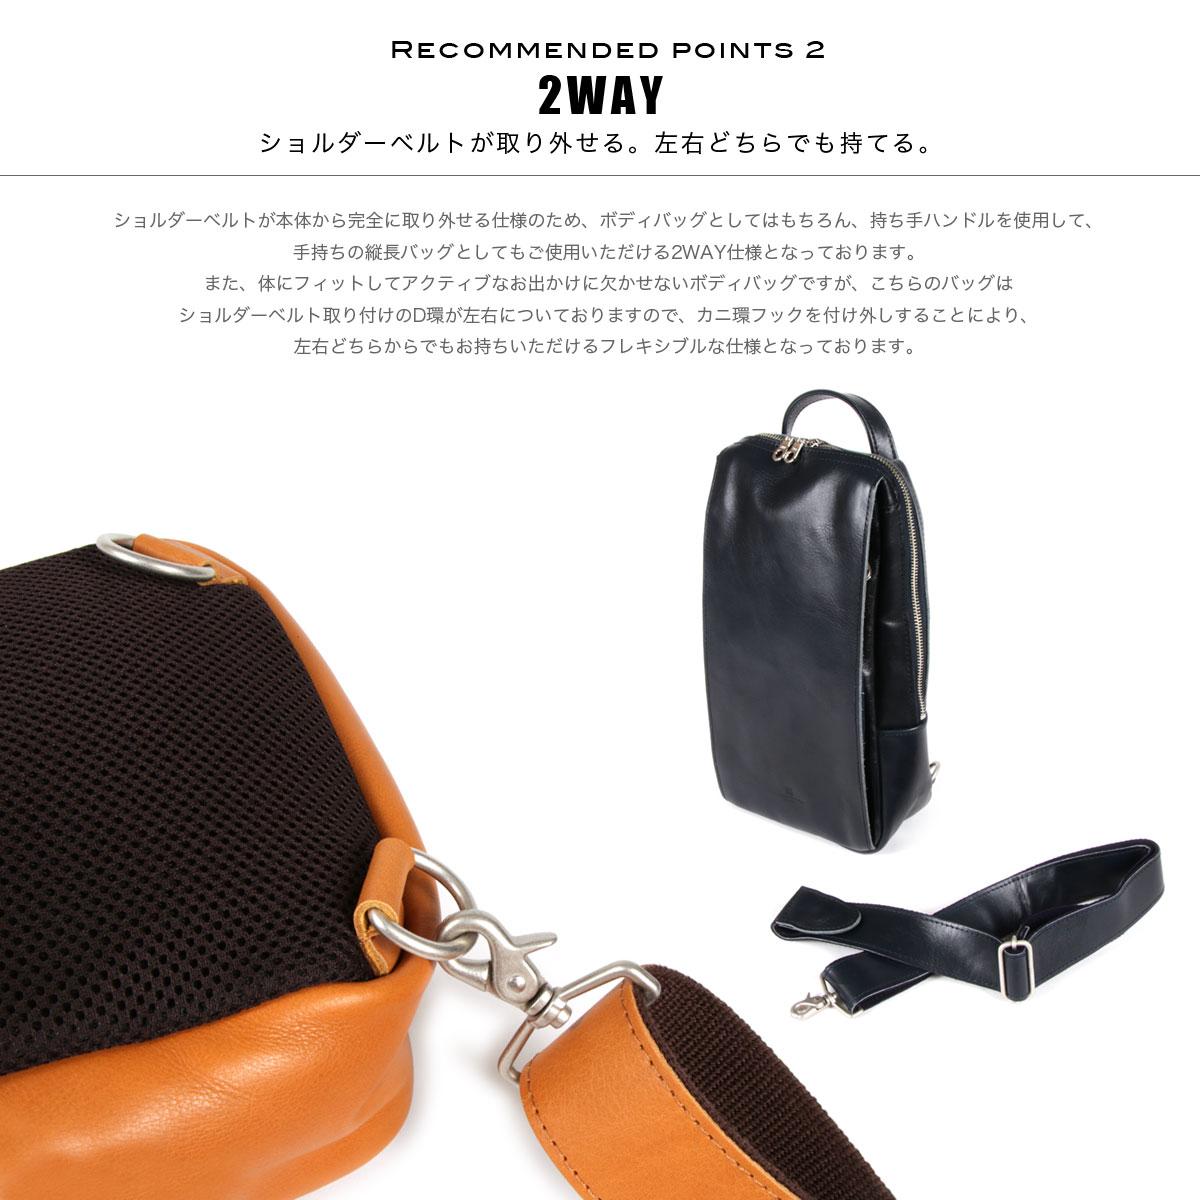 ボディバッグ メンズ 2Way ナチュラルカーフレザー KOI コーアイ BAGGY PORT バギーポート レディース 牛革 本革 日本製 ユニセックス 男性用 女性用 男女兼用